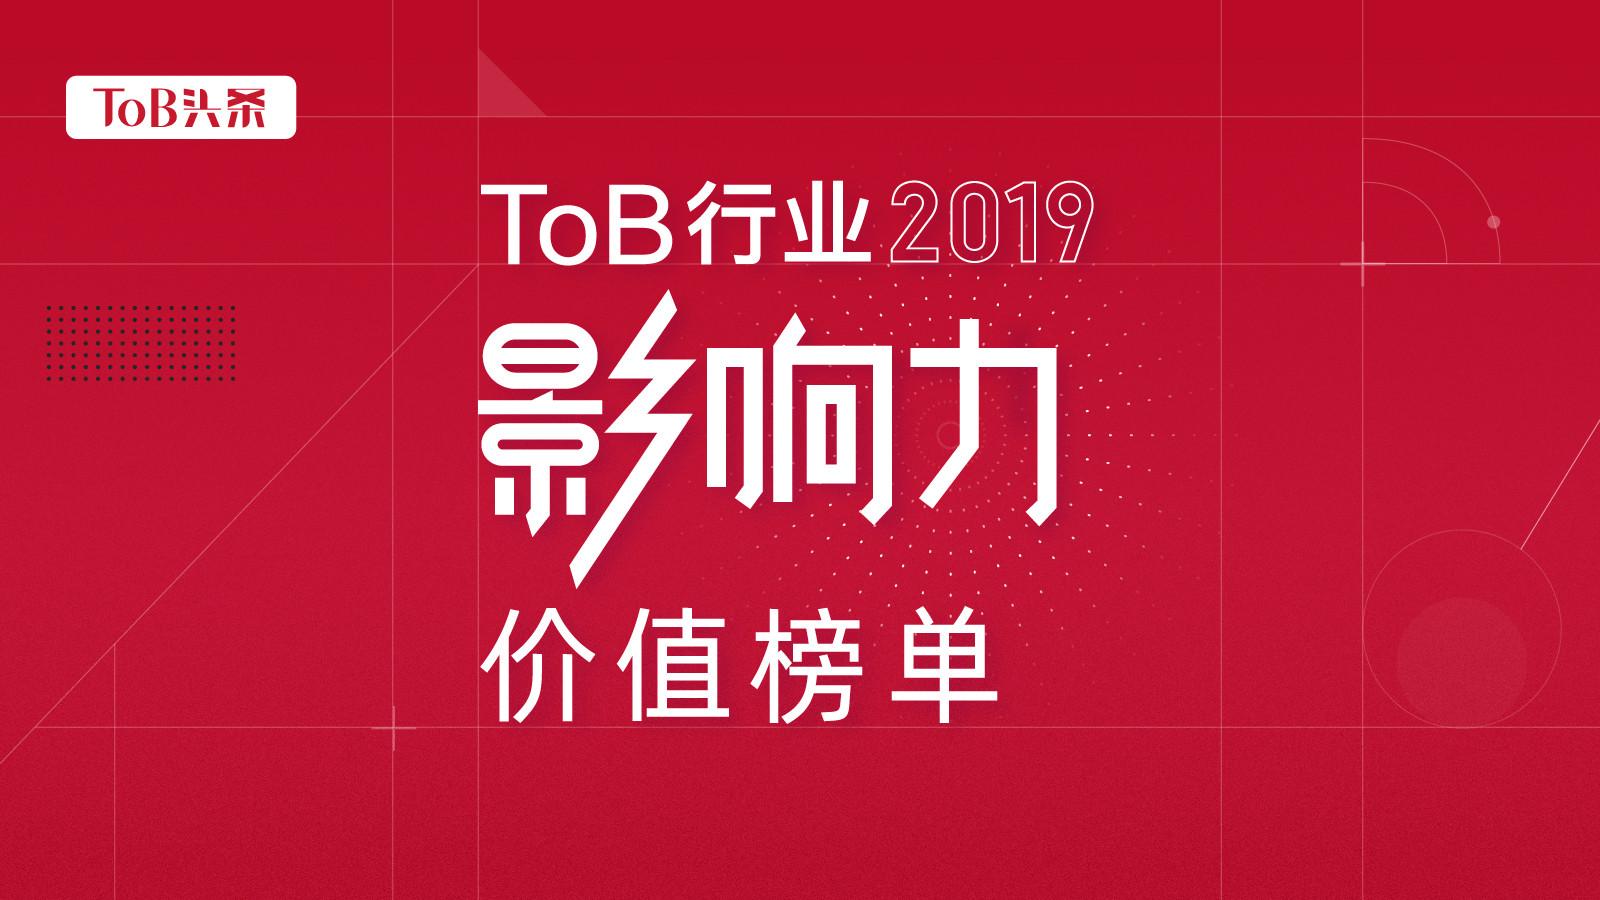 发现中国ToB领军者,「2019 ToB影响力人物榜」正式发布